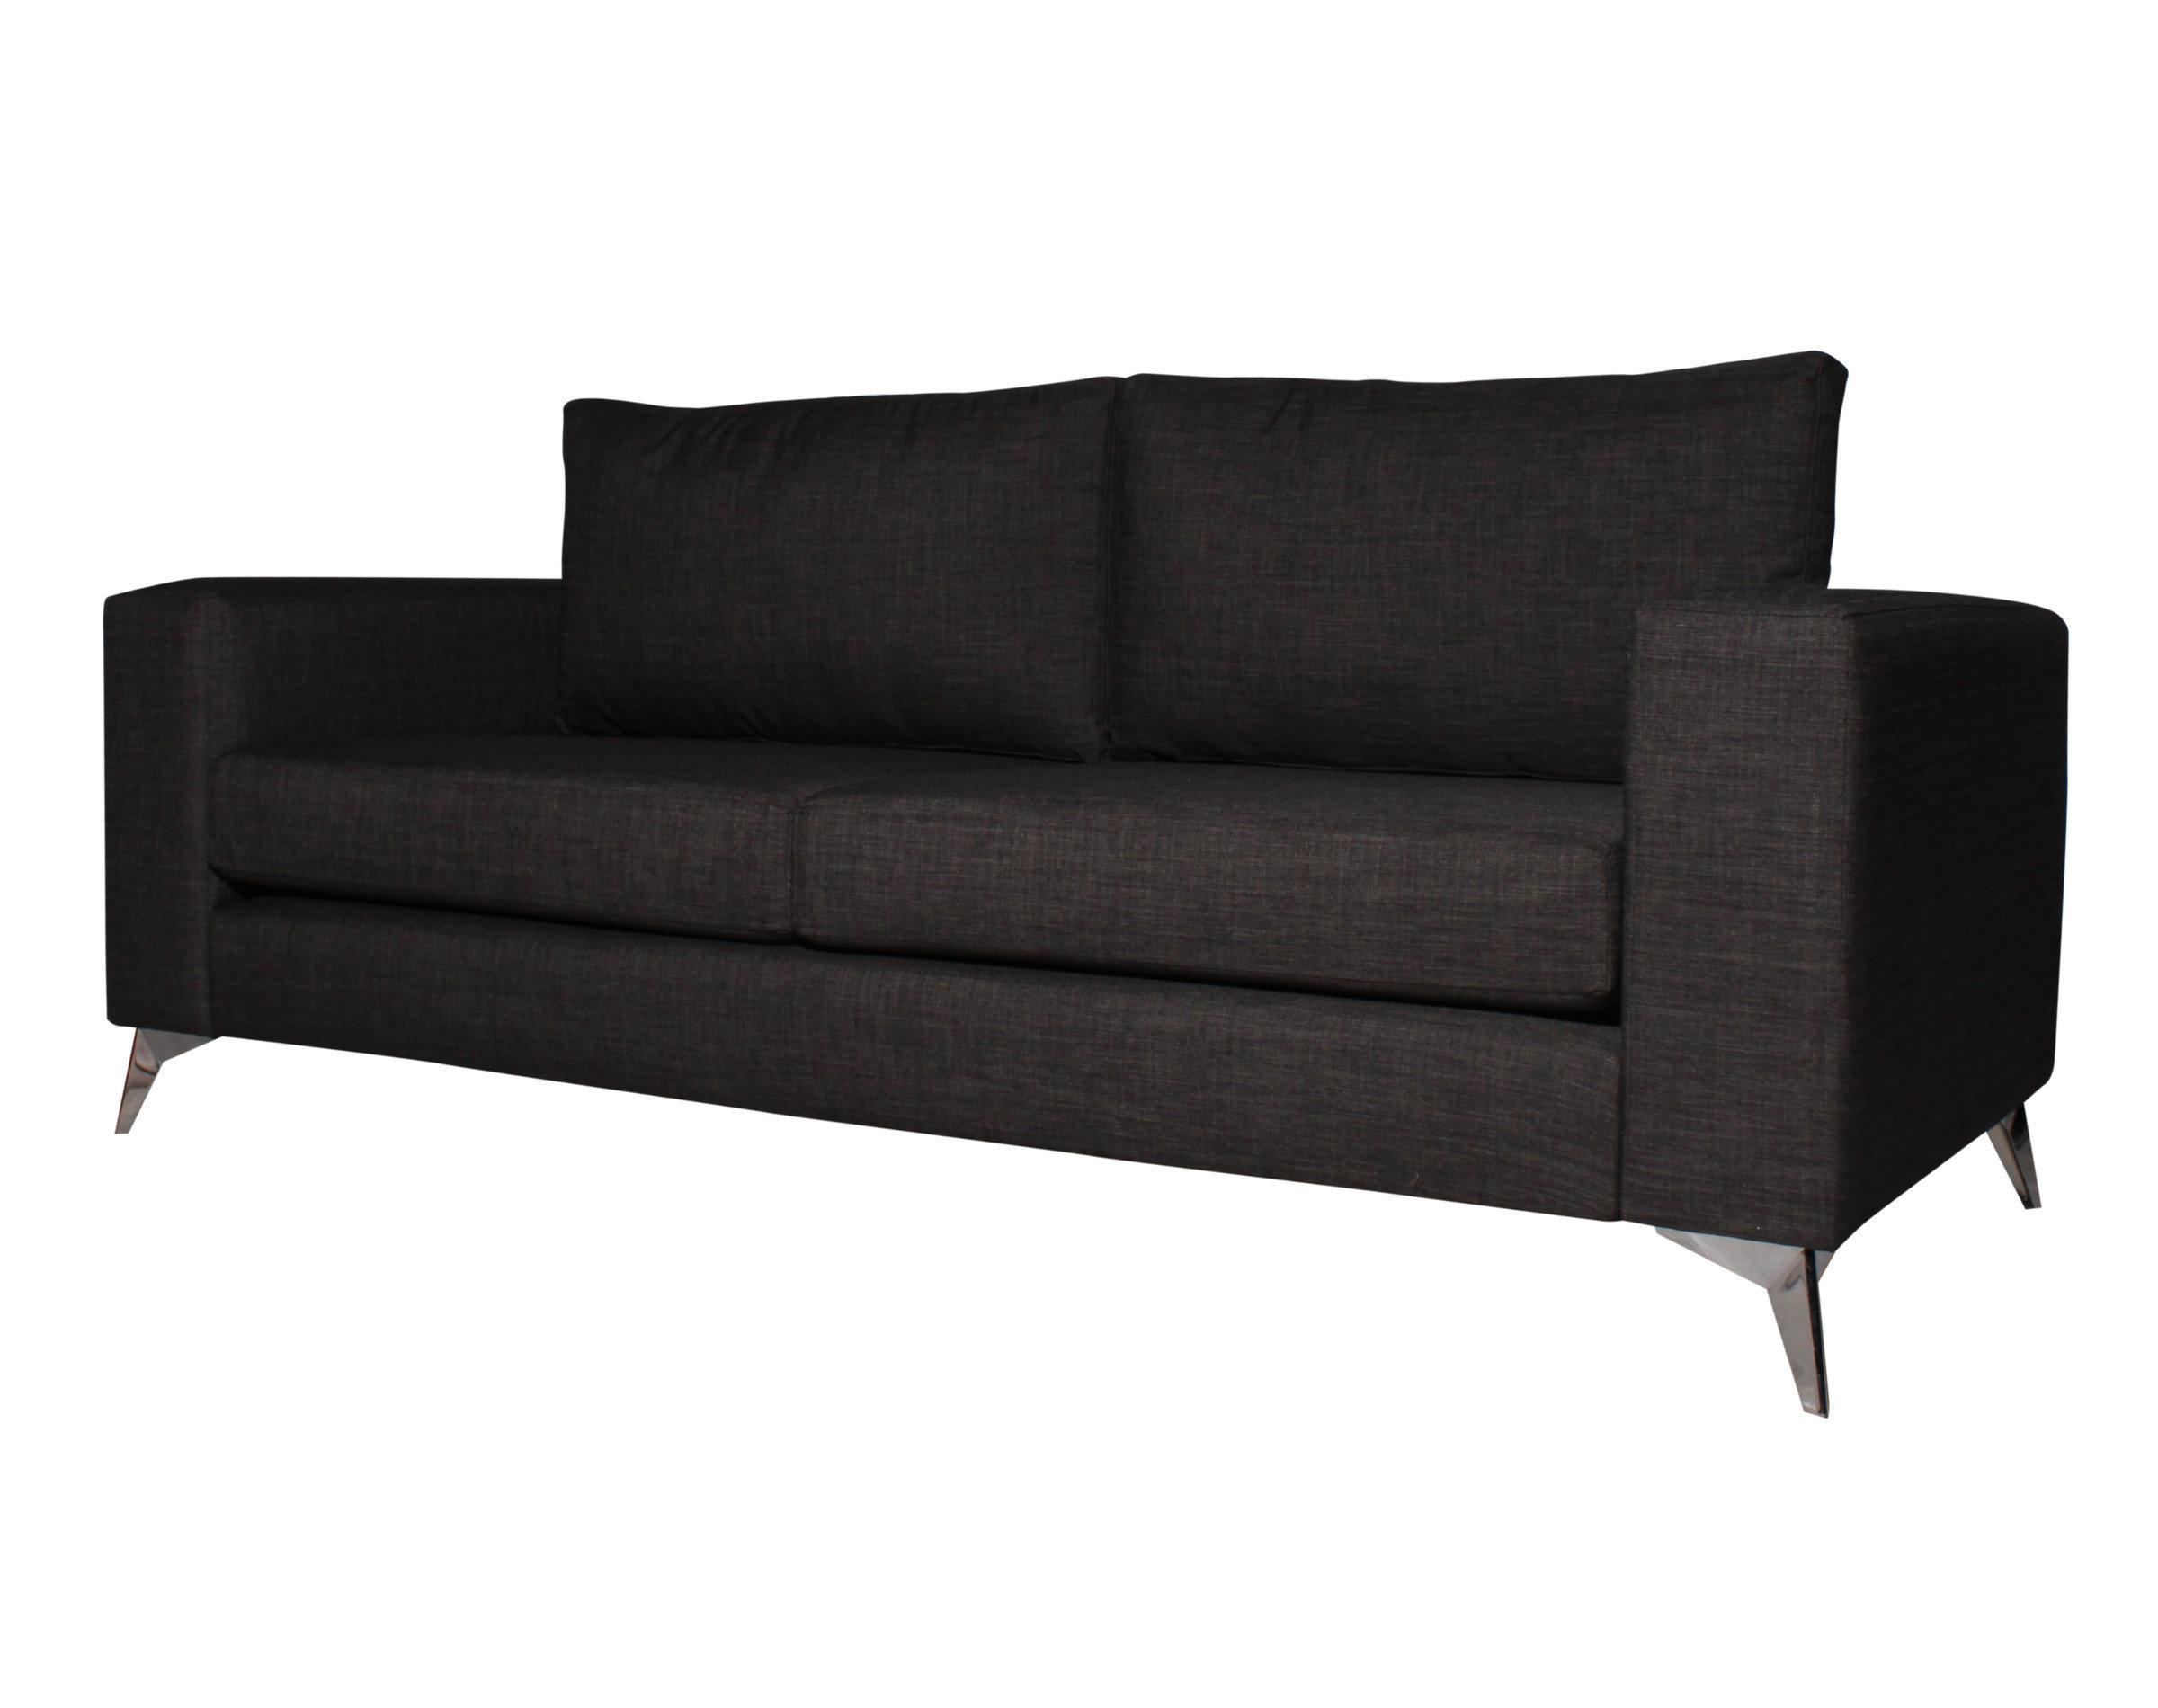 sofá con pata metálica modelo estrella